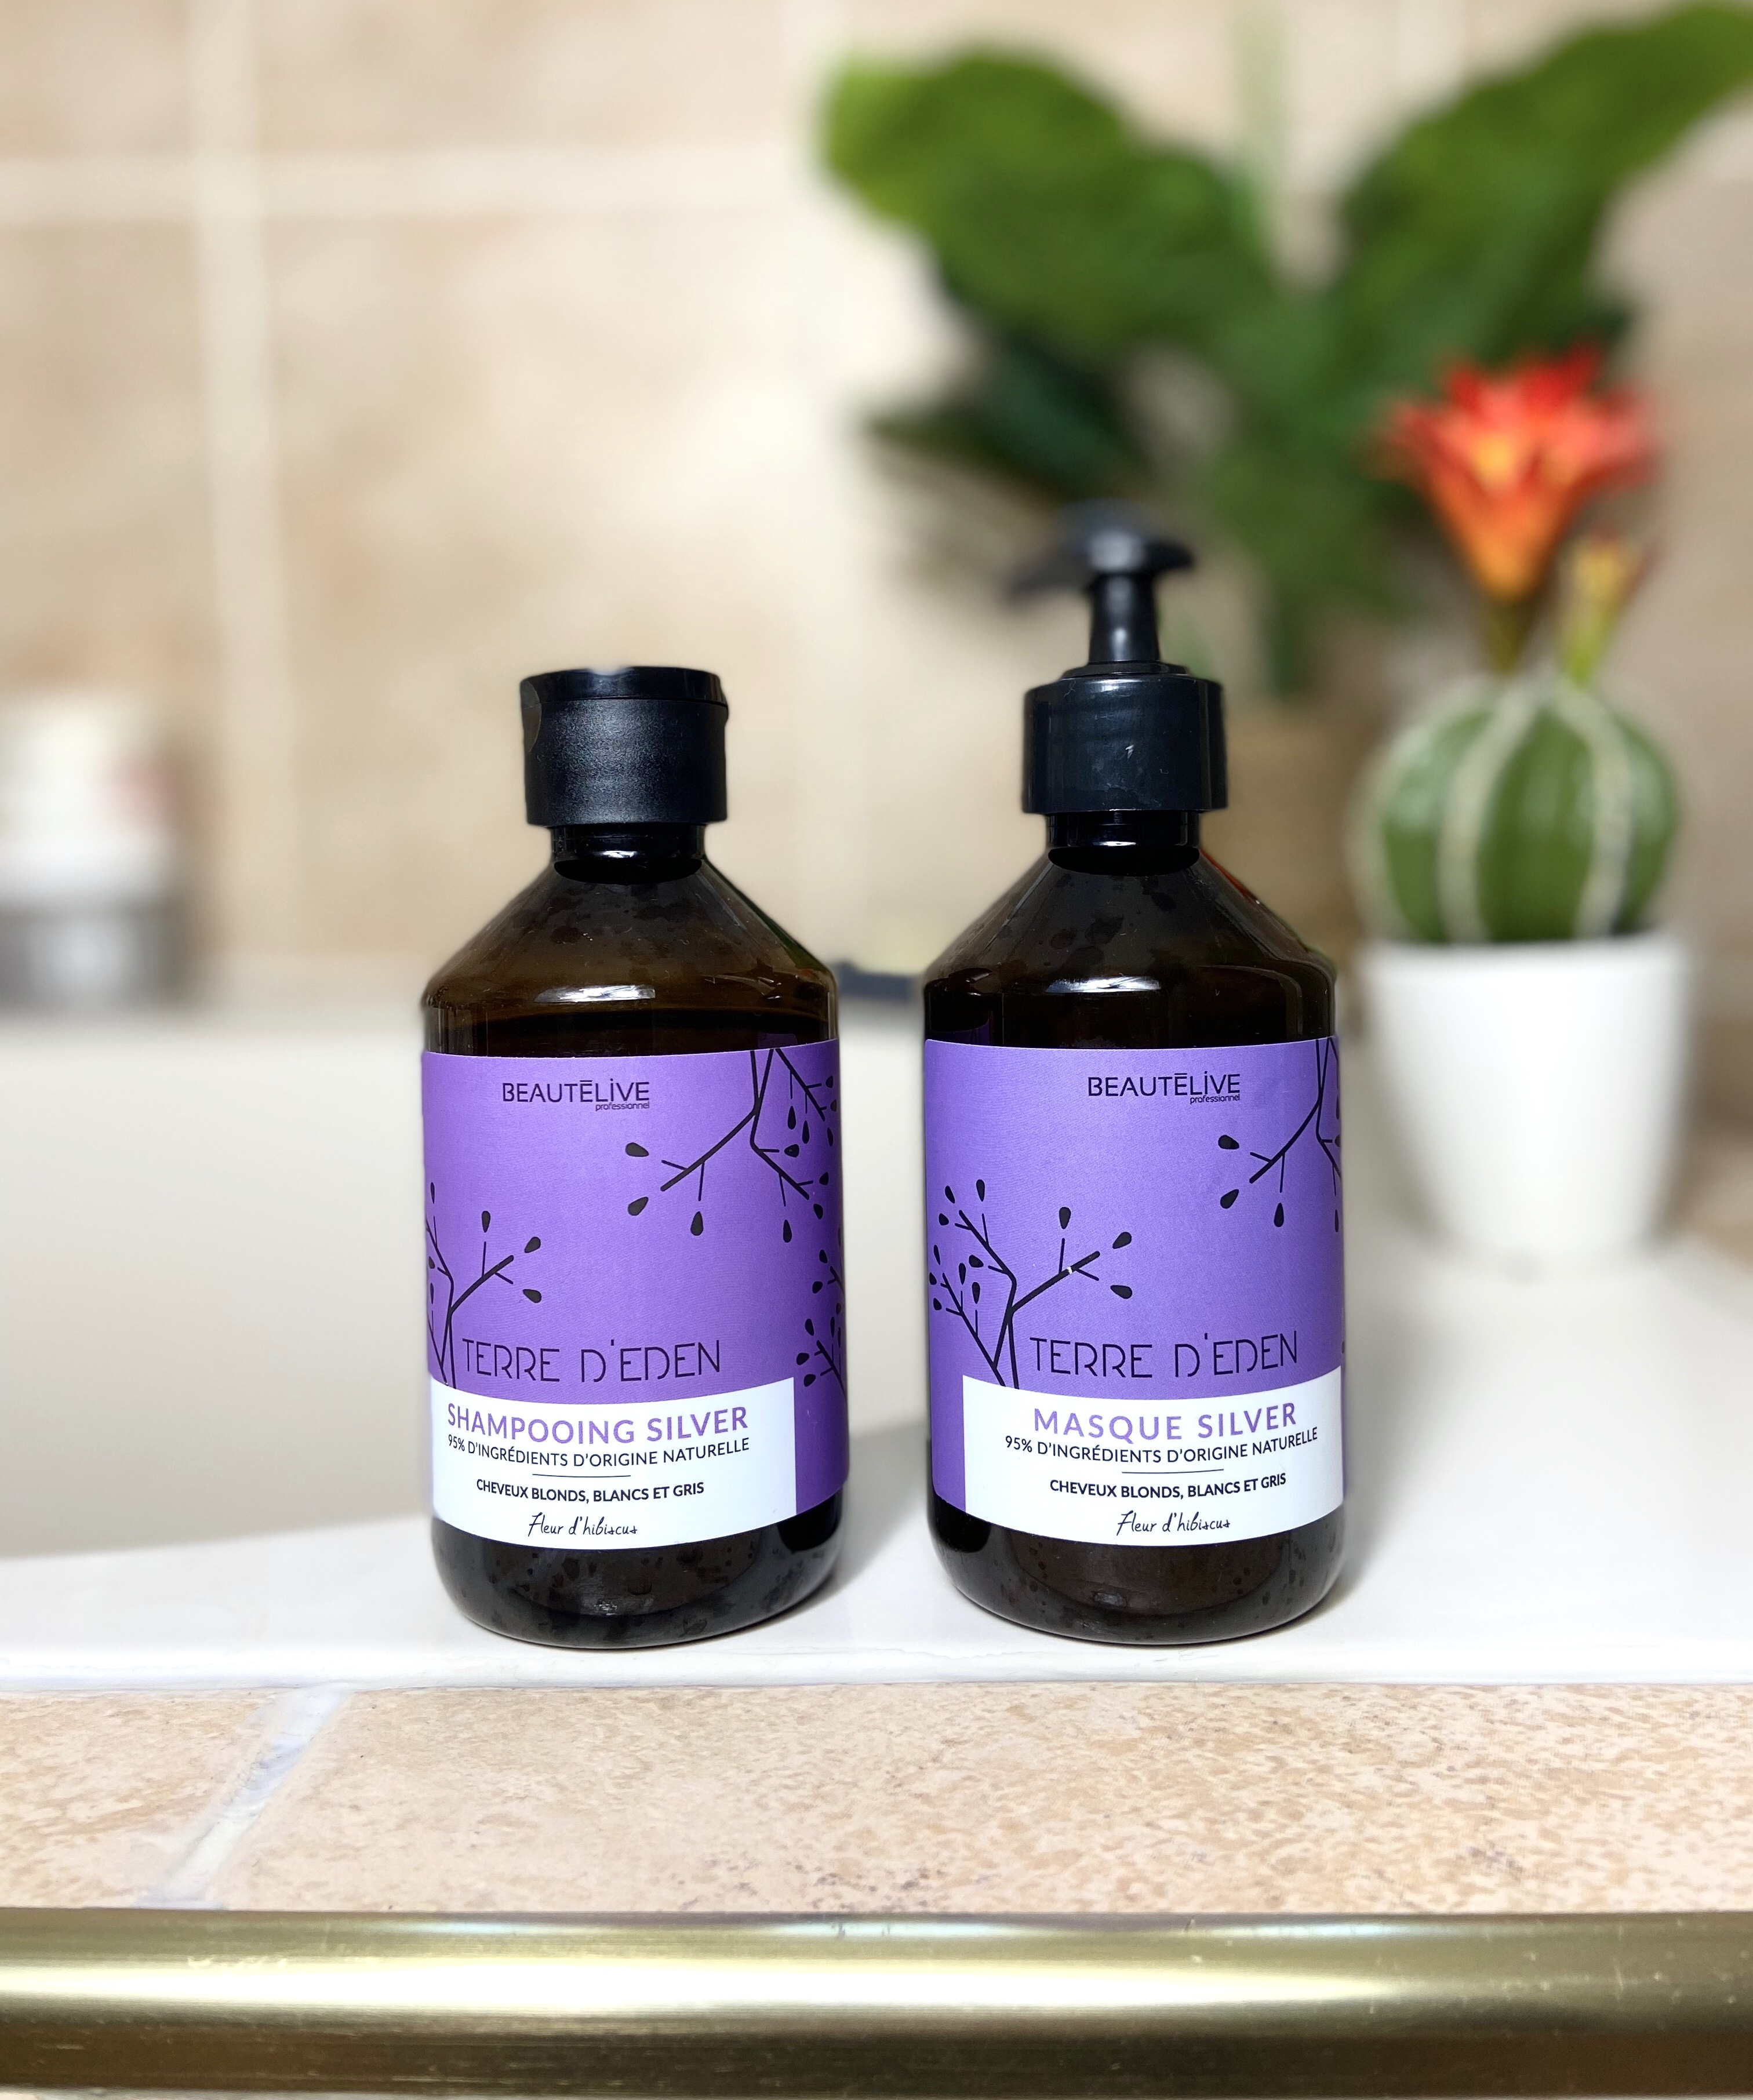 shampoing-masque-cheveux-violet- silver-dejaunissant-terre-d-eden-beautelive-gouiran-beaute-